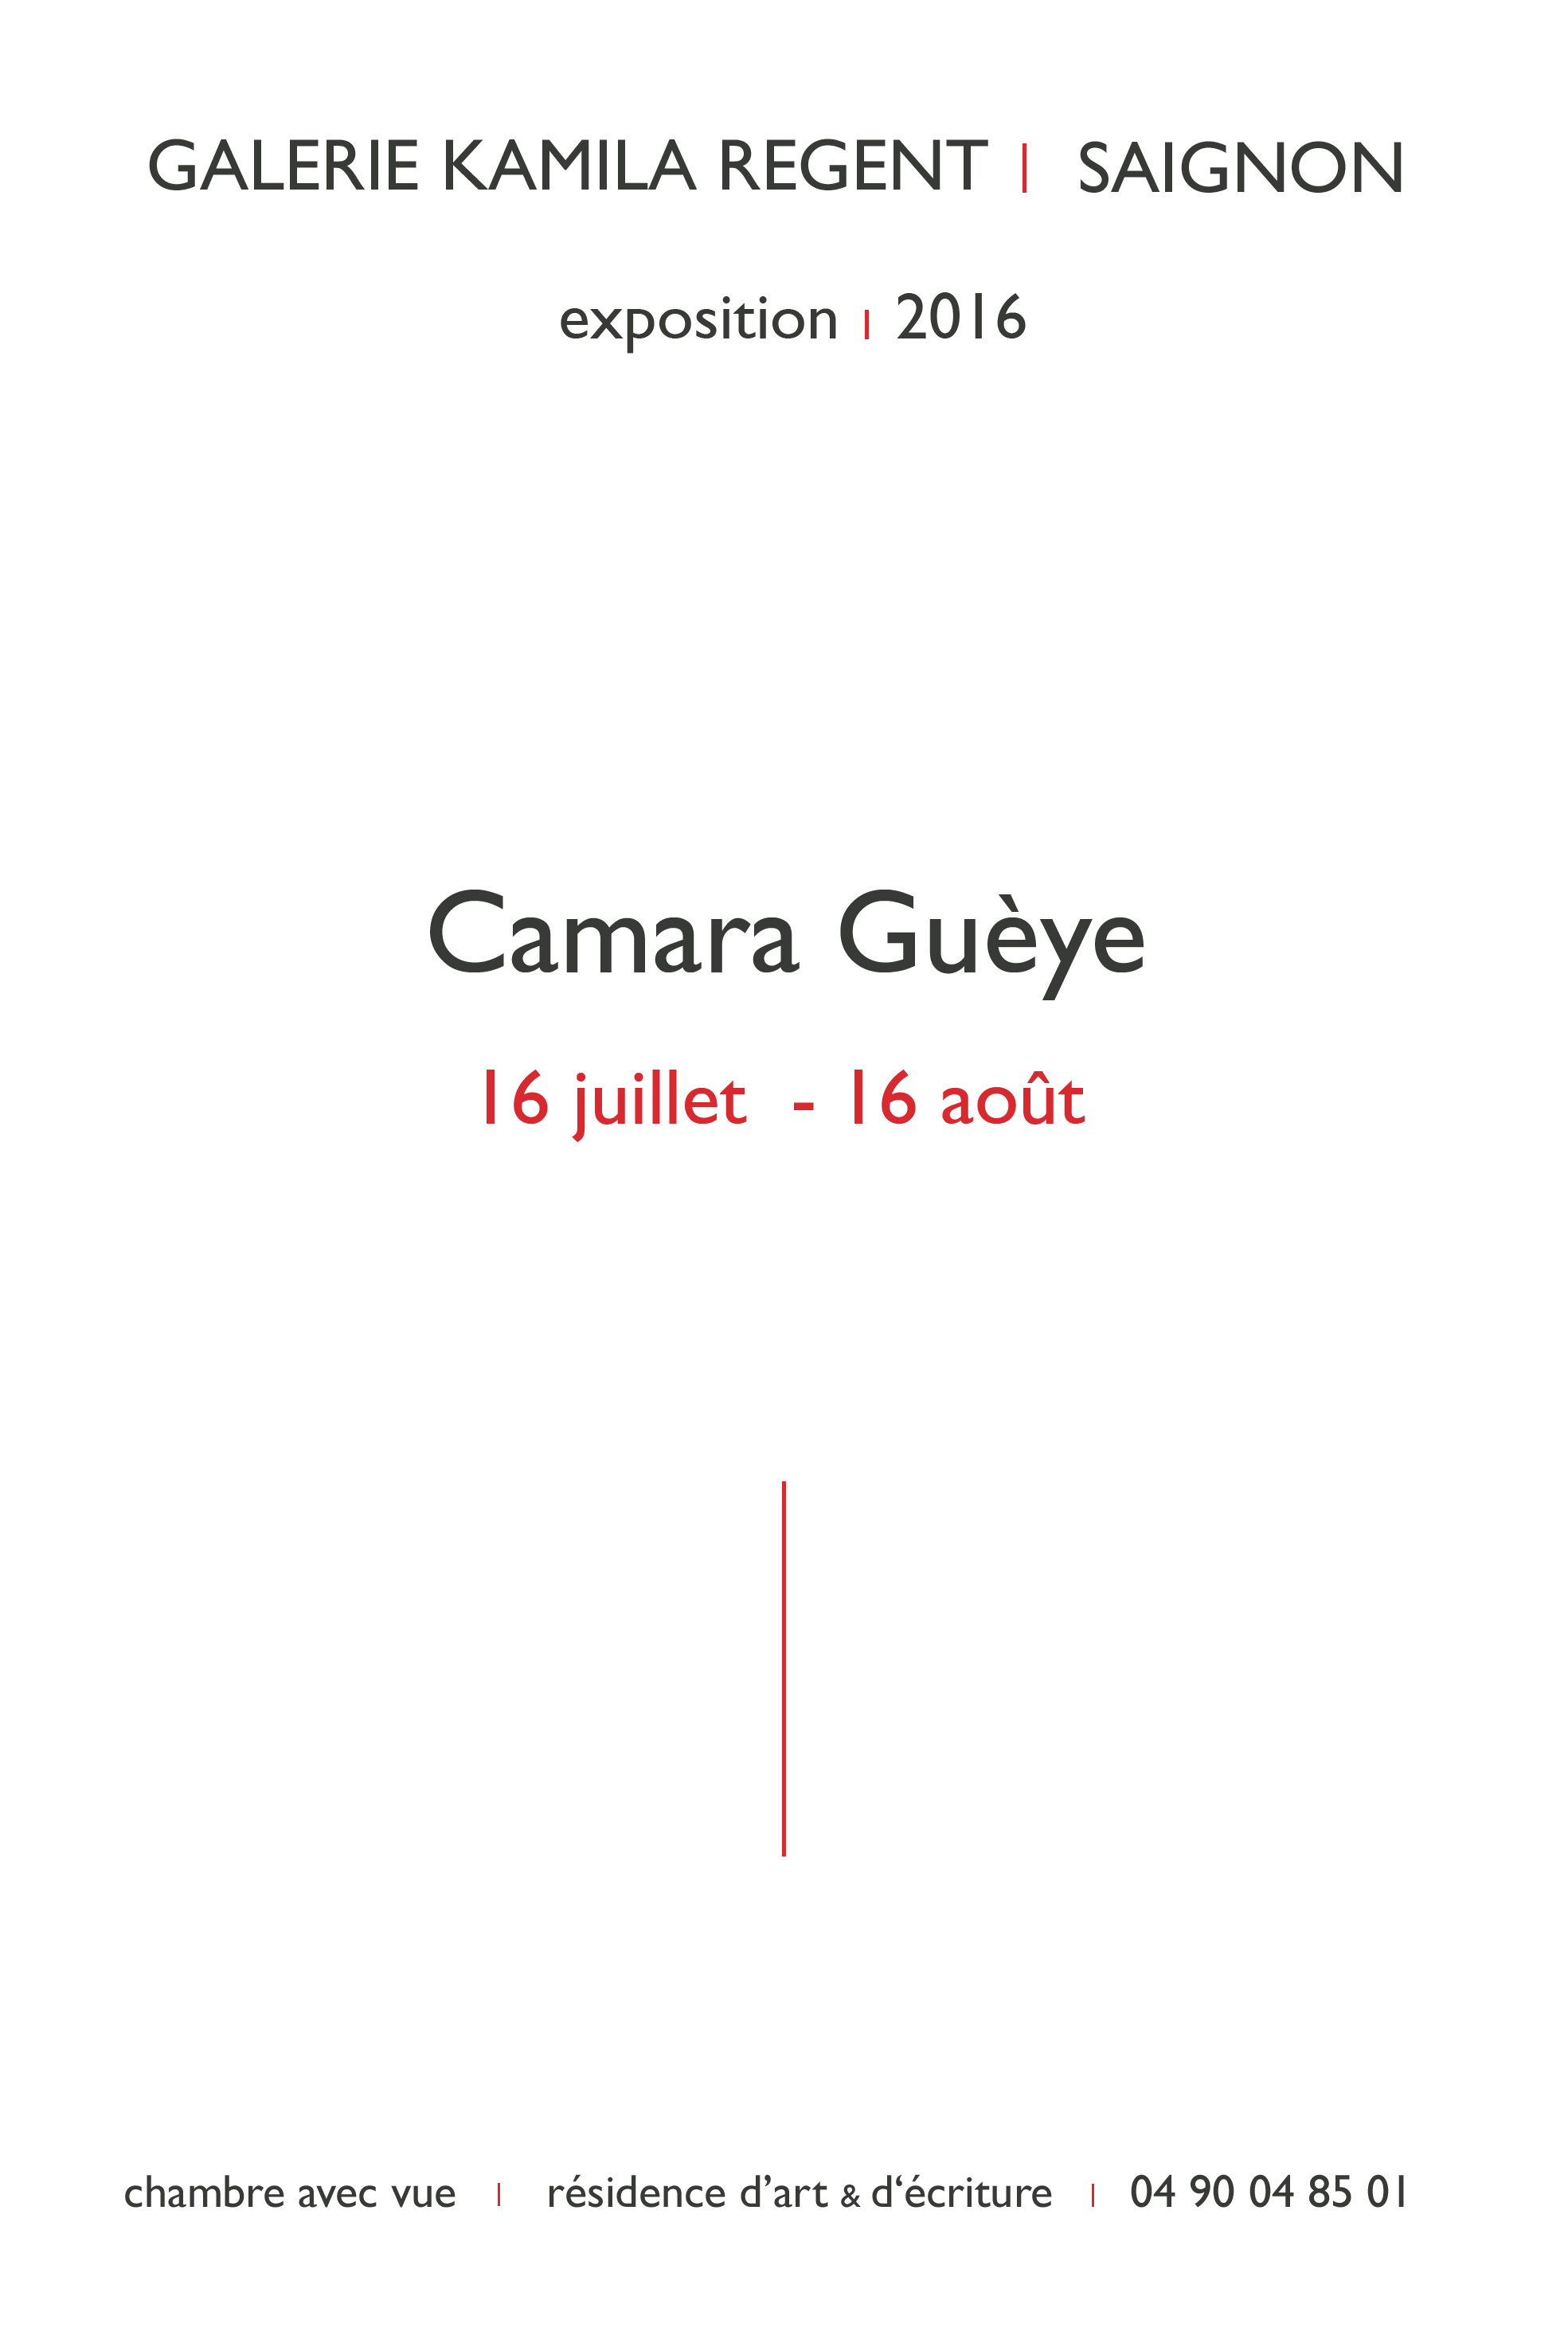 Camara Guèye